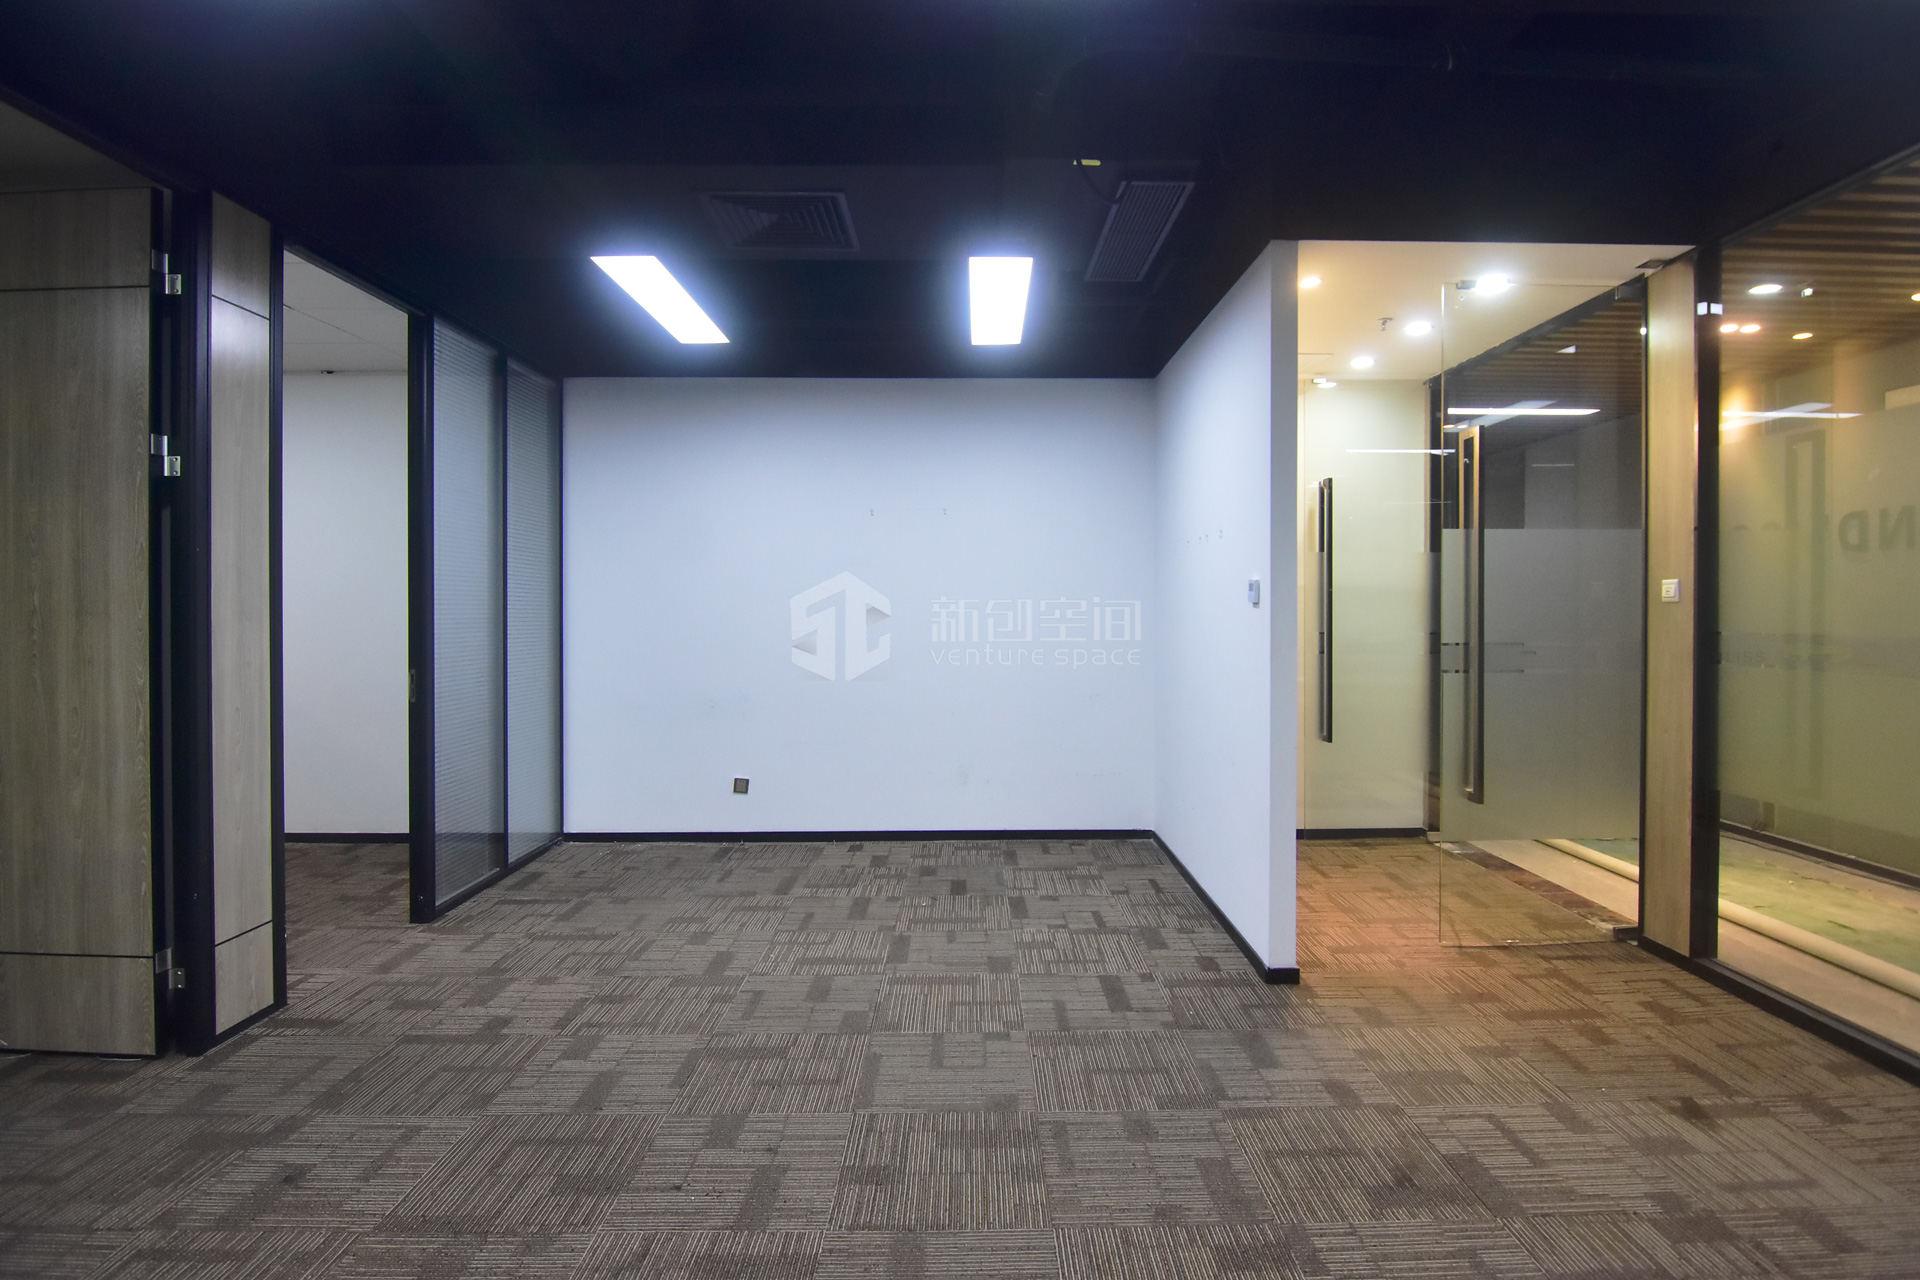 134m²·深圳虚拟大学园